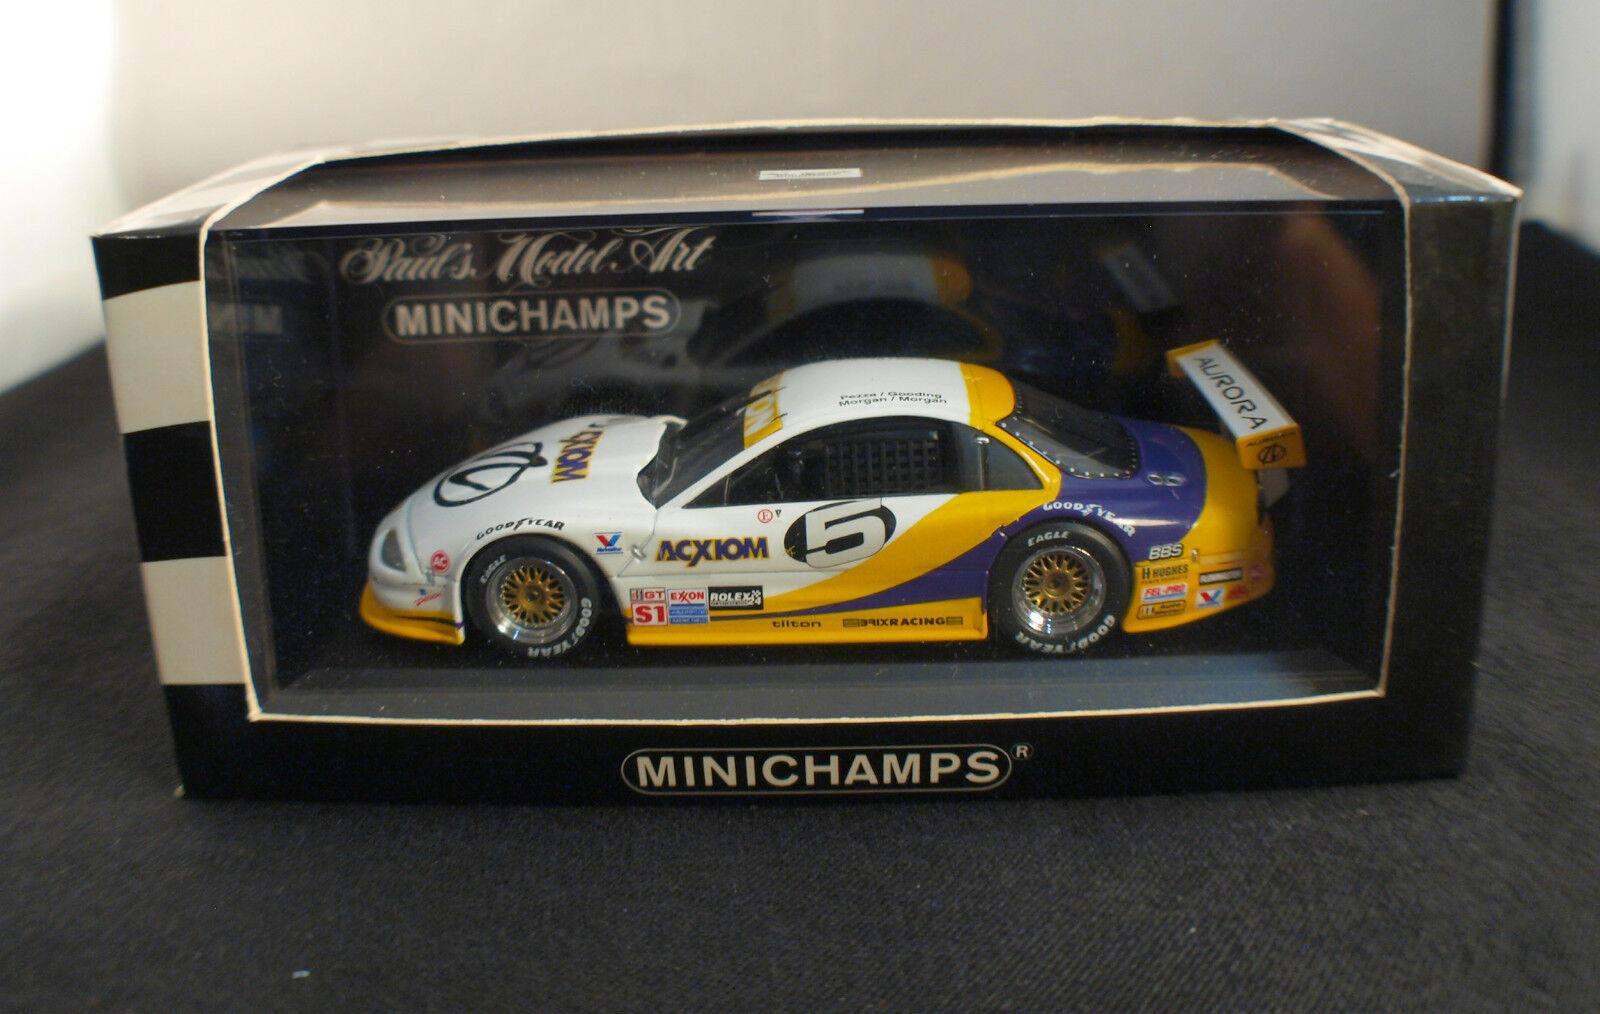 Minichamps ◊ Oldsmobile Aurora GTS 1 Daytona 1996 ◊ 1 43 ◊ BOXED BNIB